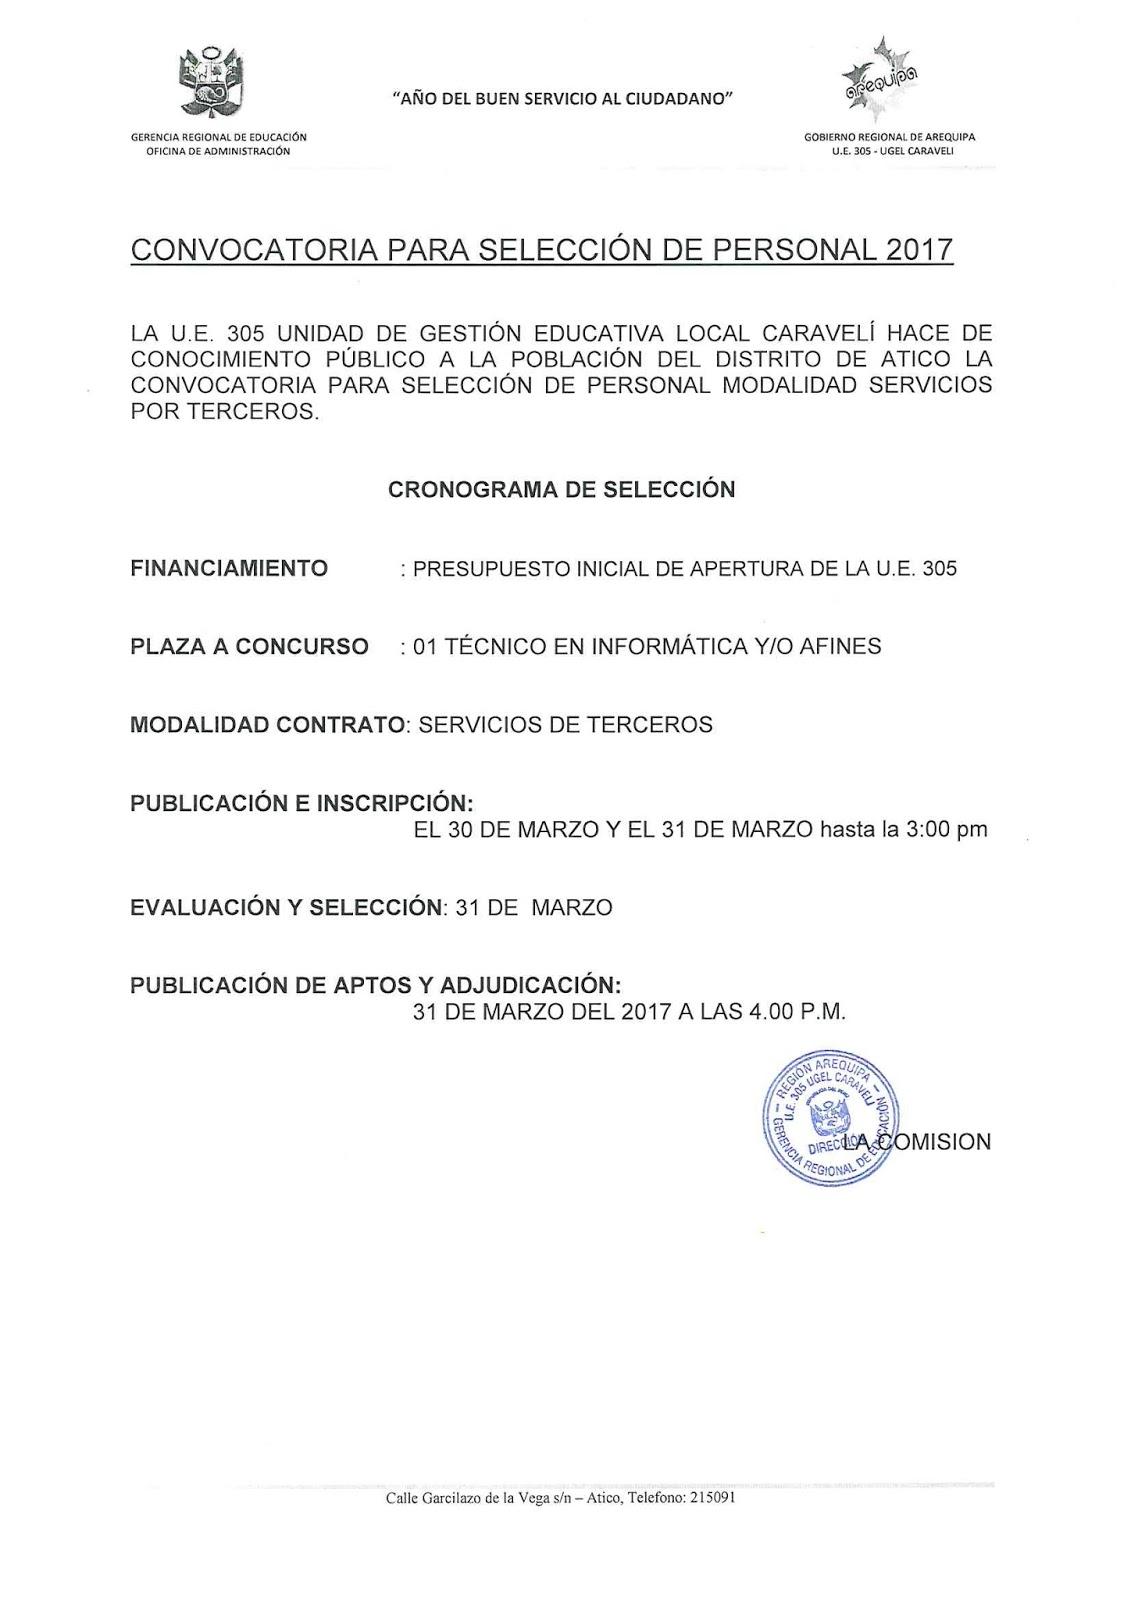 Convocatoria para seleccion de personal 2017 u e 305 for Convocatoria de plazas docentes 2017